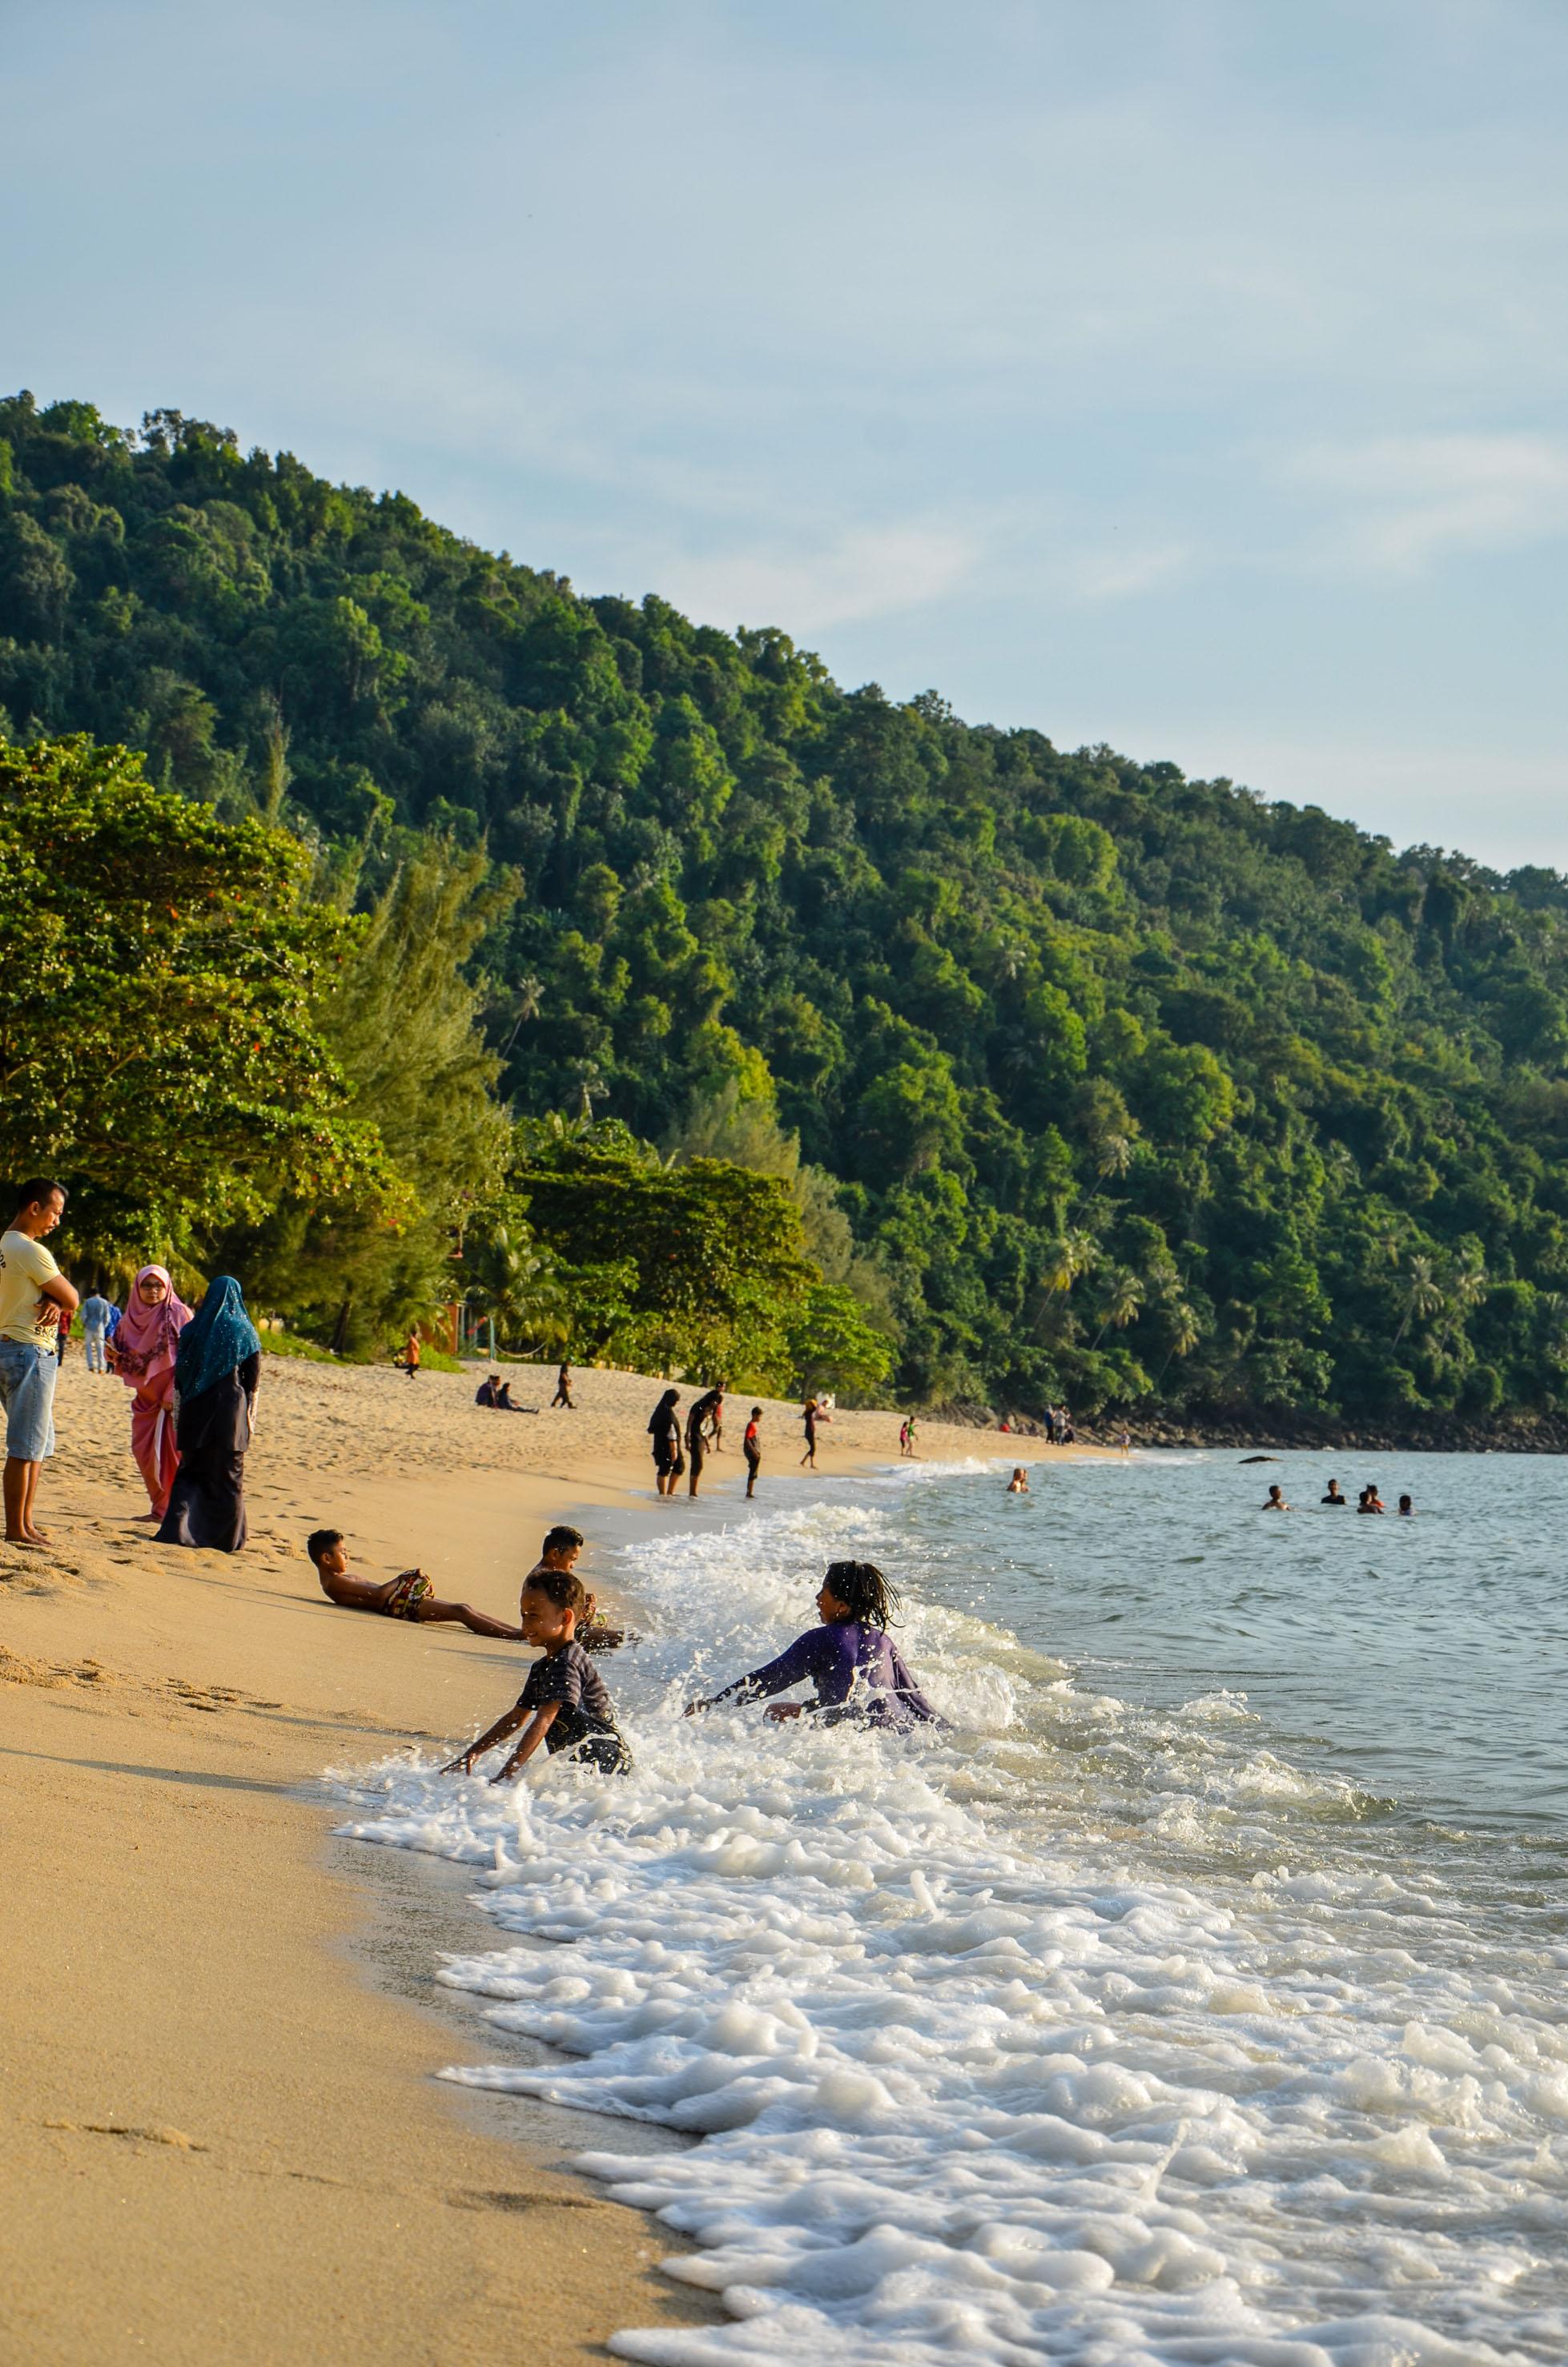 Długa plaża na południowo-zachodnim krańcu wyspy. Penang, Malezja.